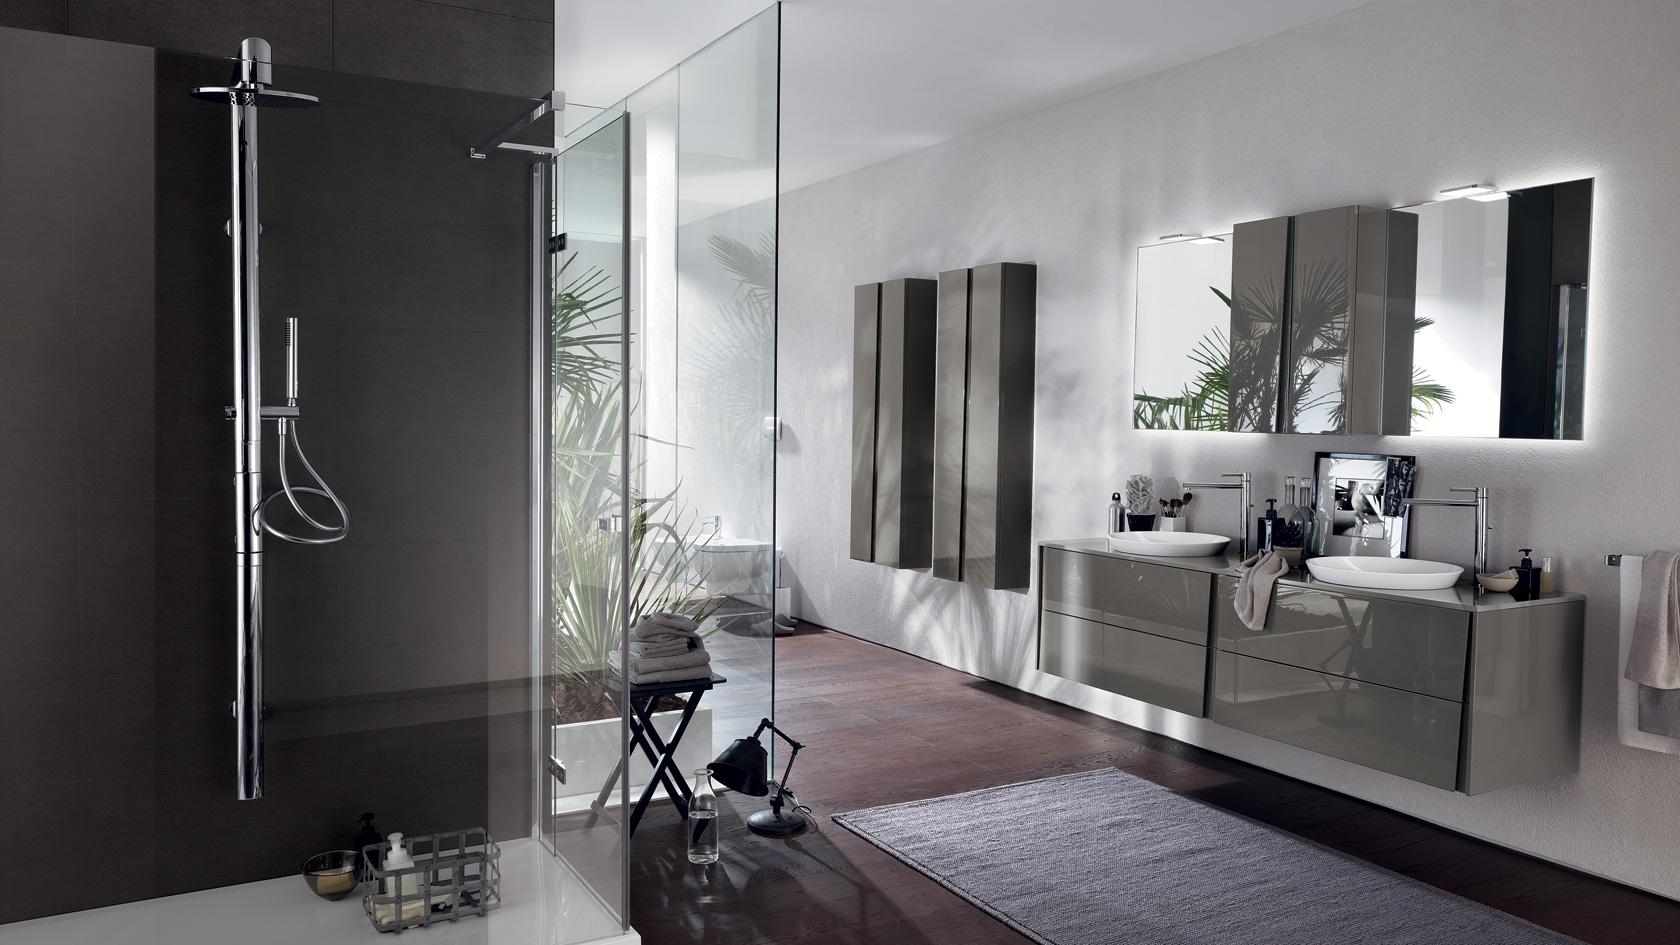 Mobili bagno moderni scegli il design e l 39 eleganza scavolini - Arredi bagno moderni ...